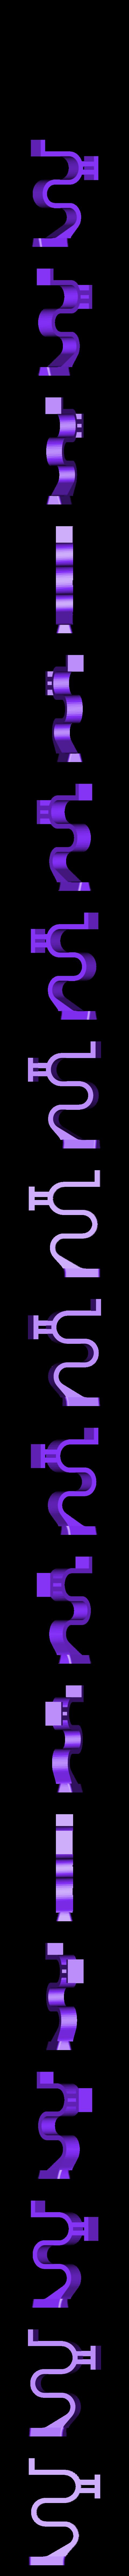 Hammer_2.STL Télécharger fichier STL gratuit Mon 3D (Dream Drum Design) • Objet pour imprimante 3D, Tanleste46